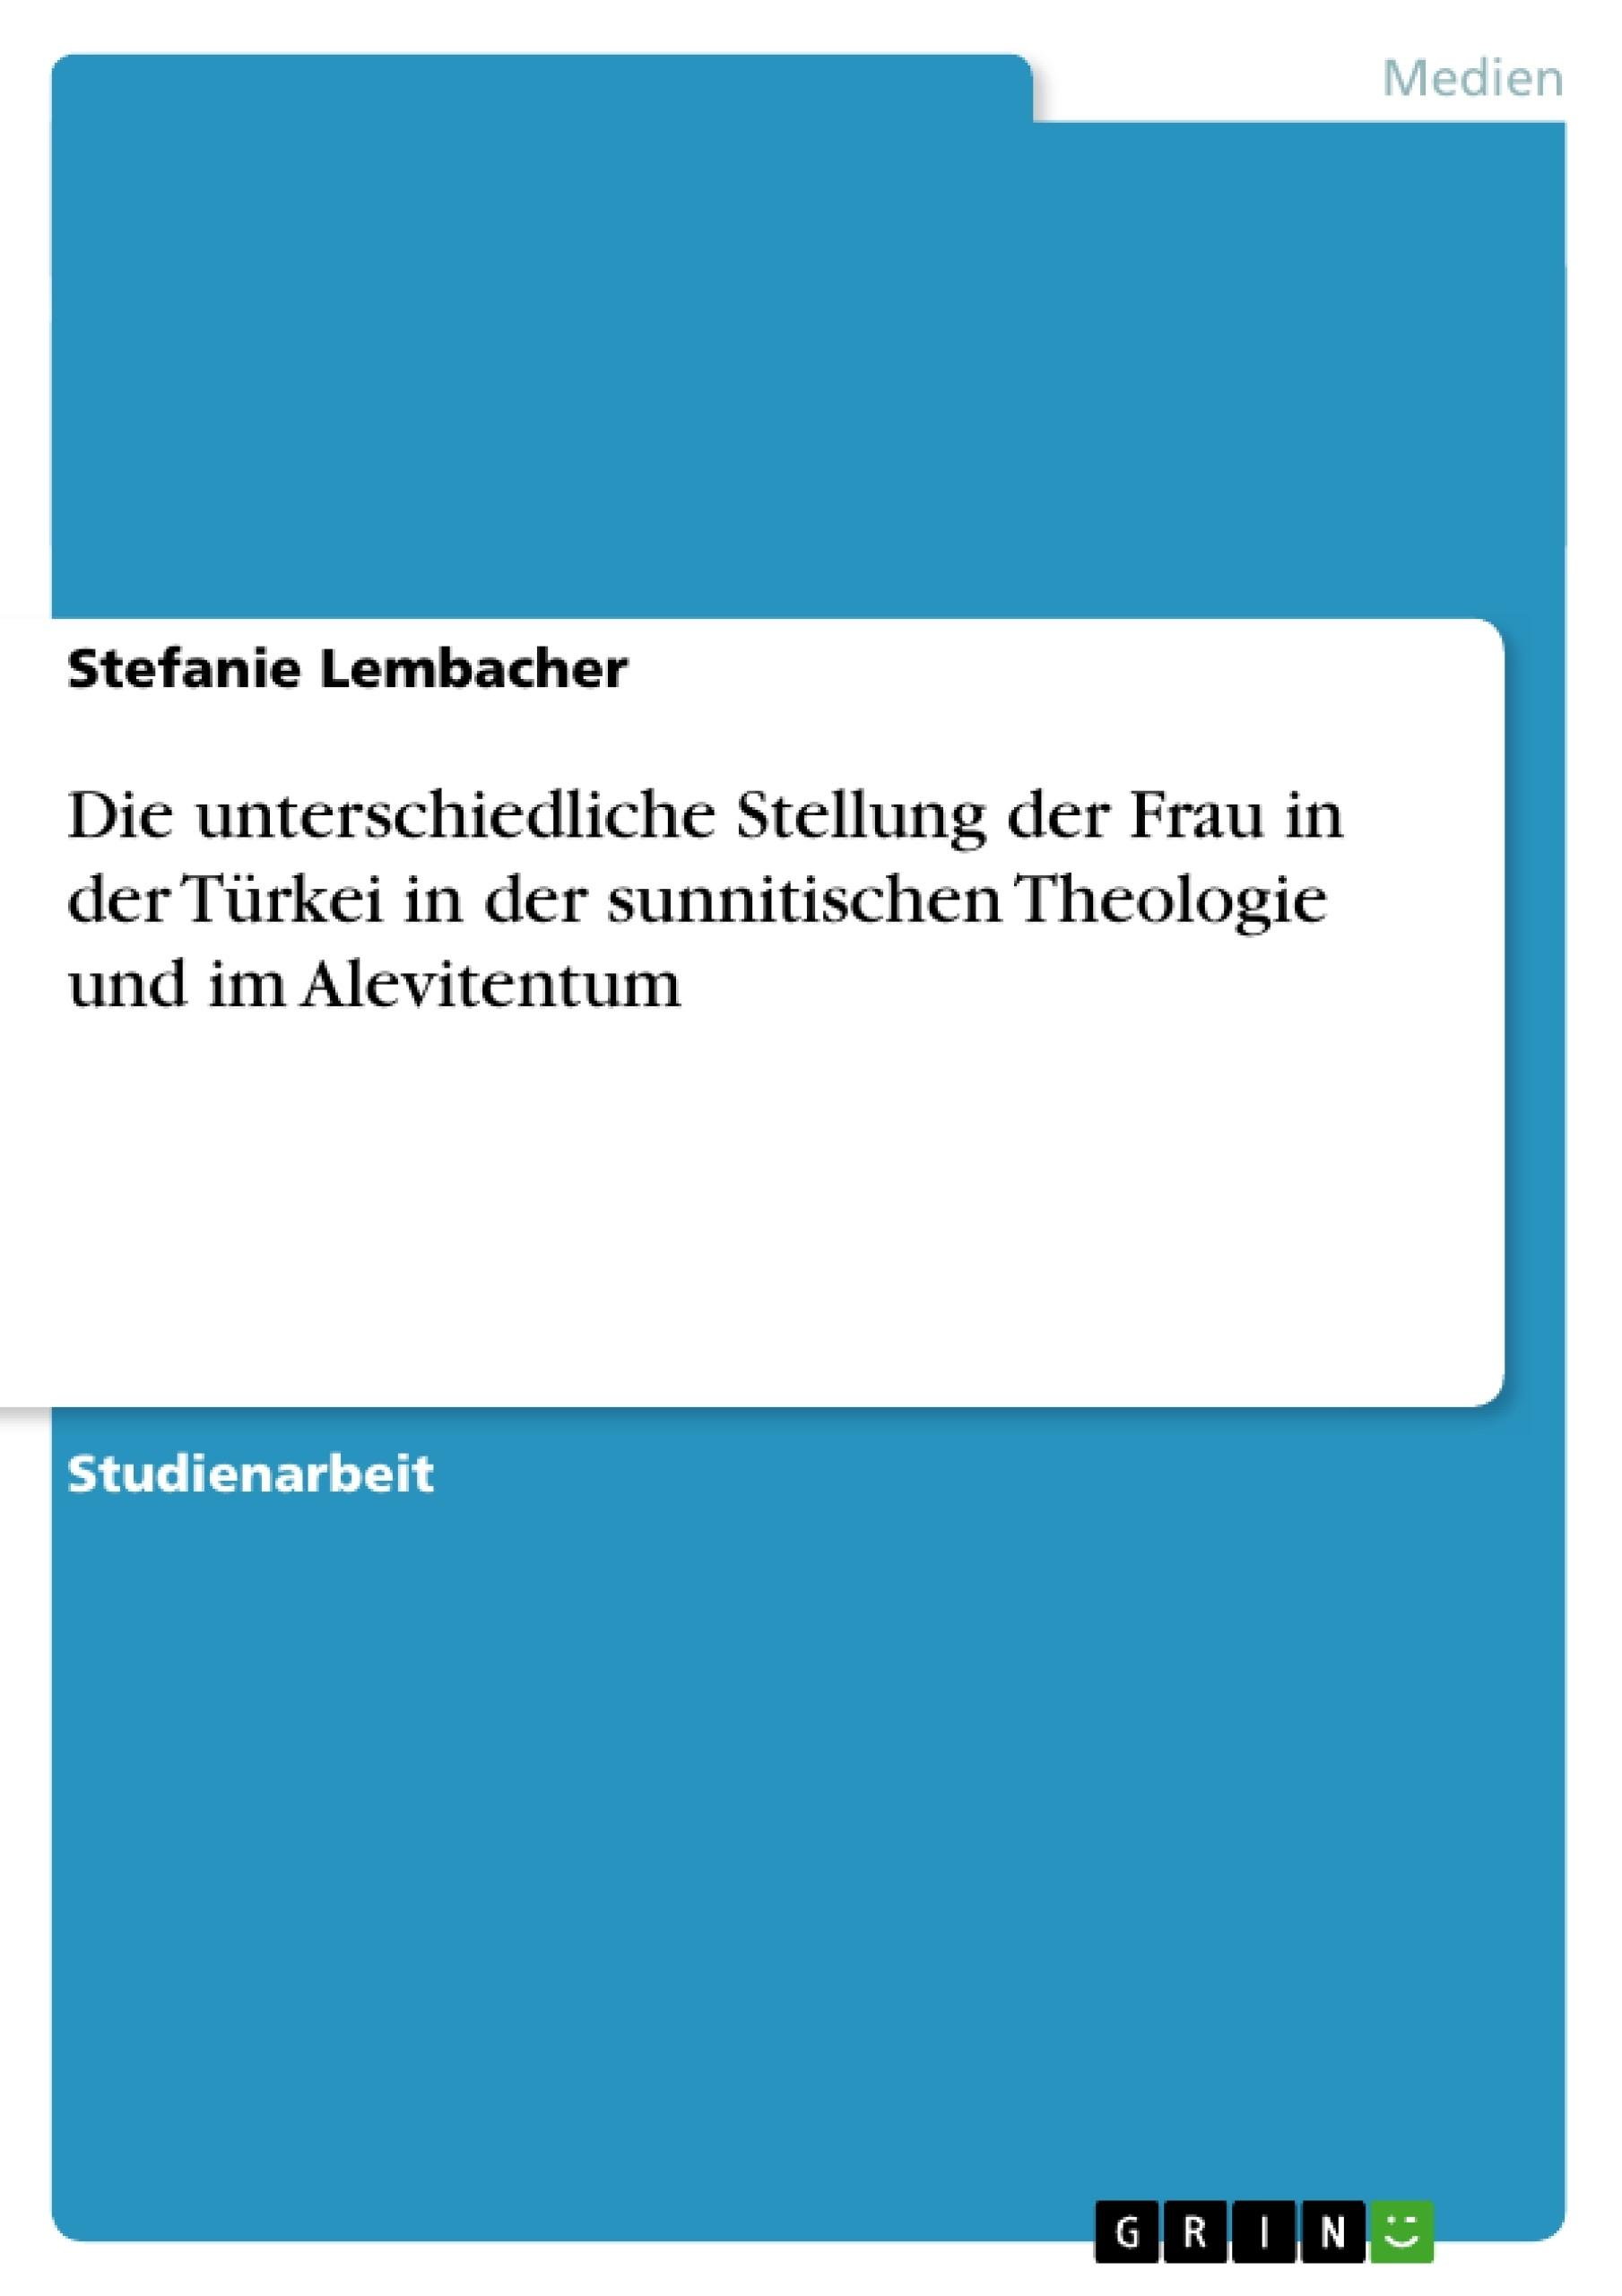 Titel: Die unterschiedliche Stellung der Frau in der Türkei in der sunnitischen Theologie und im Alevitentum